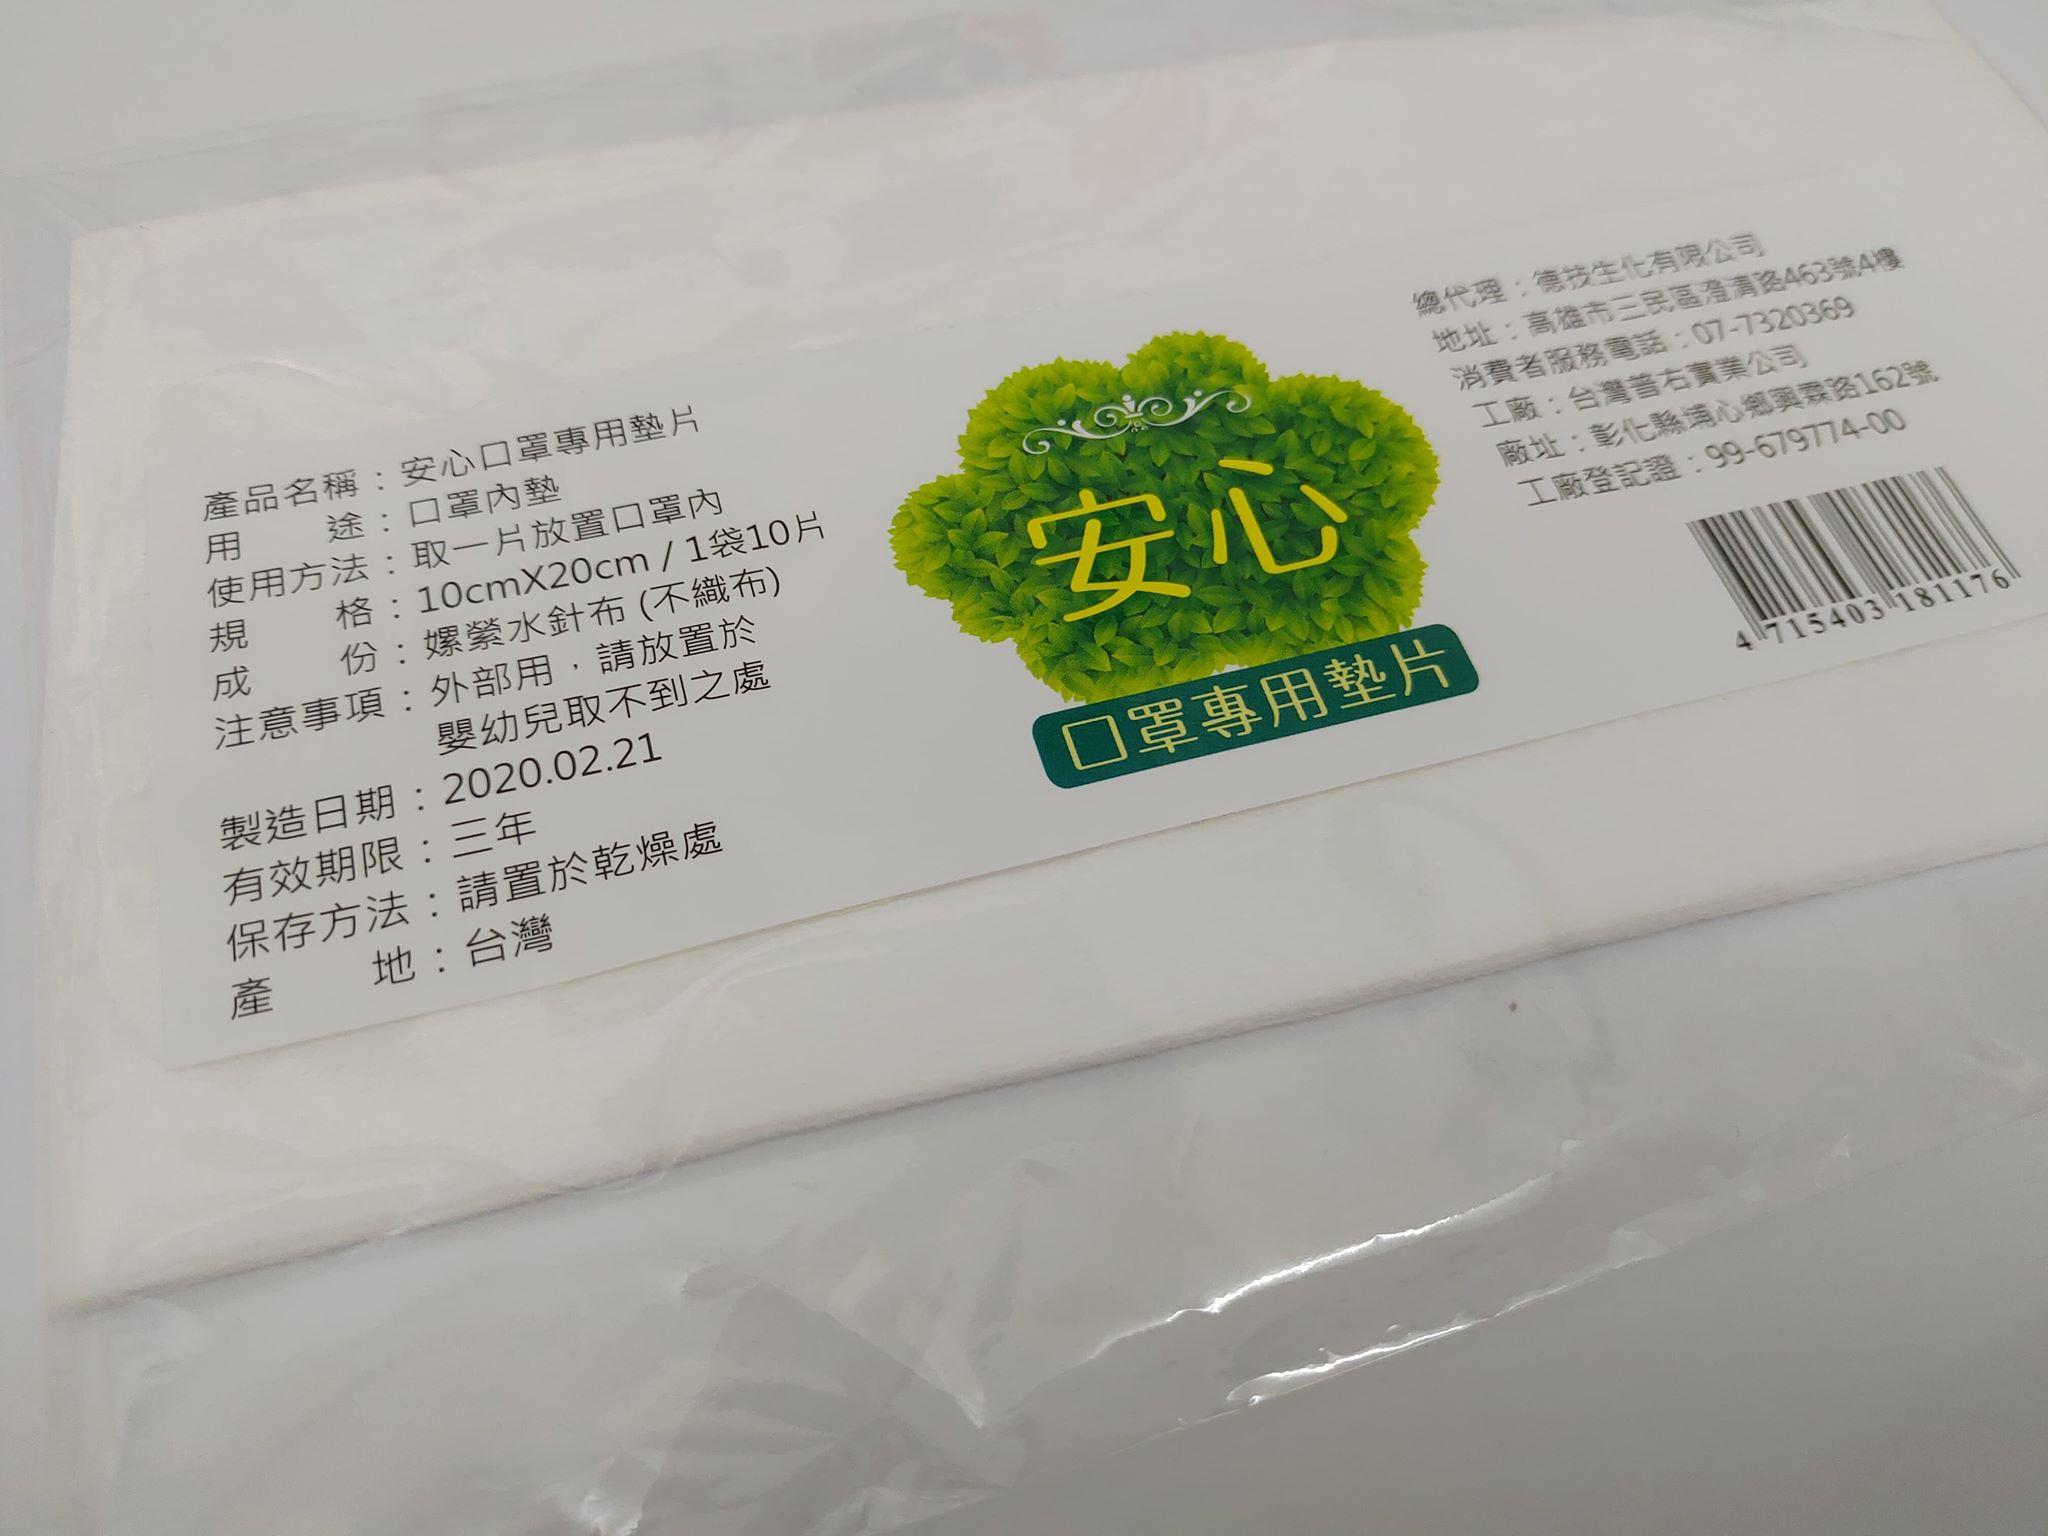 【憨吉小舖】【臺灣製造】安心口罩專用墊片10片/包 不織布